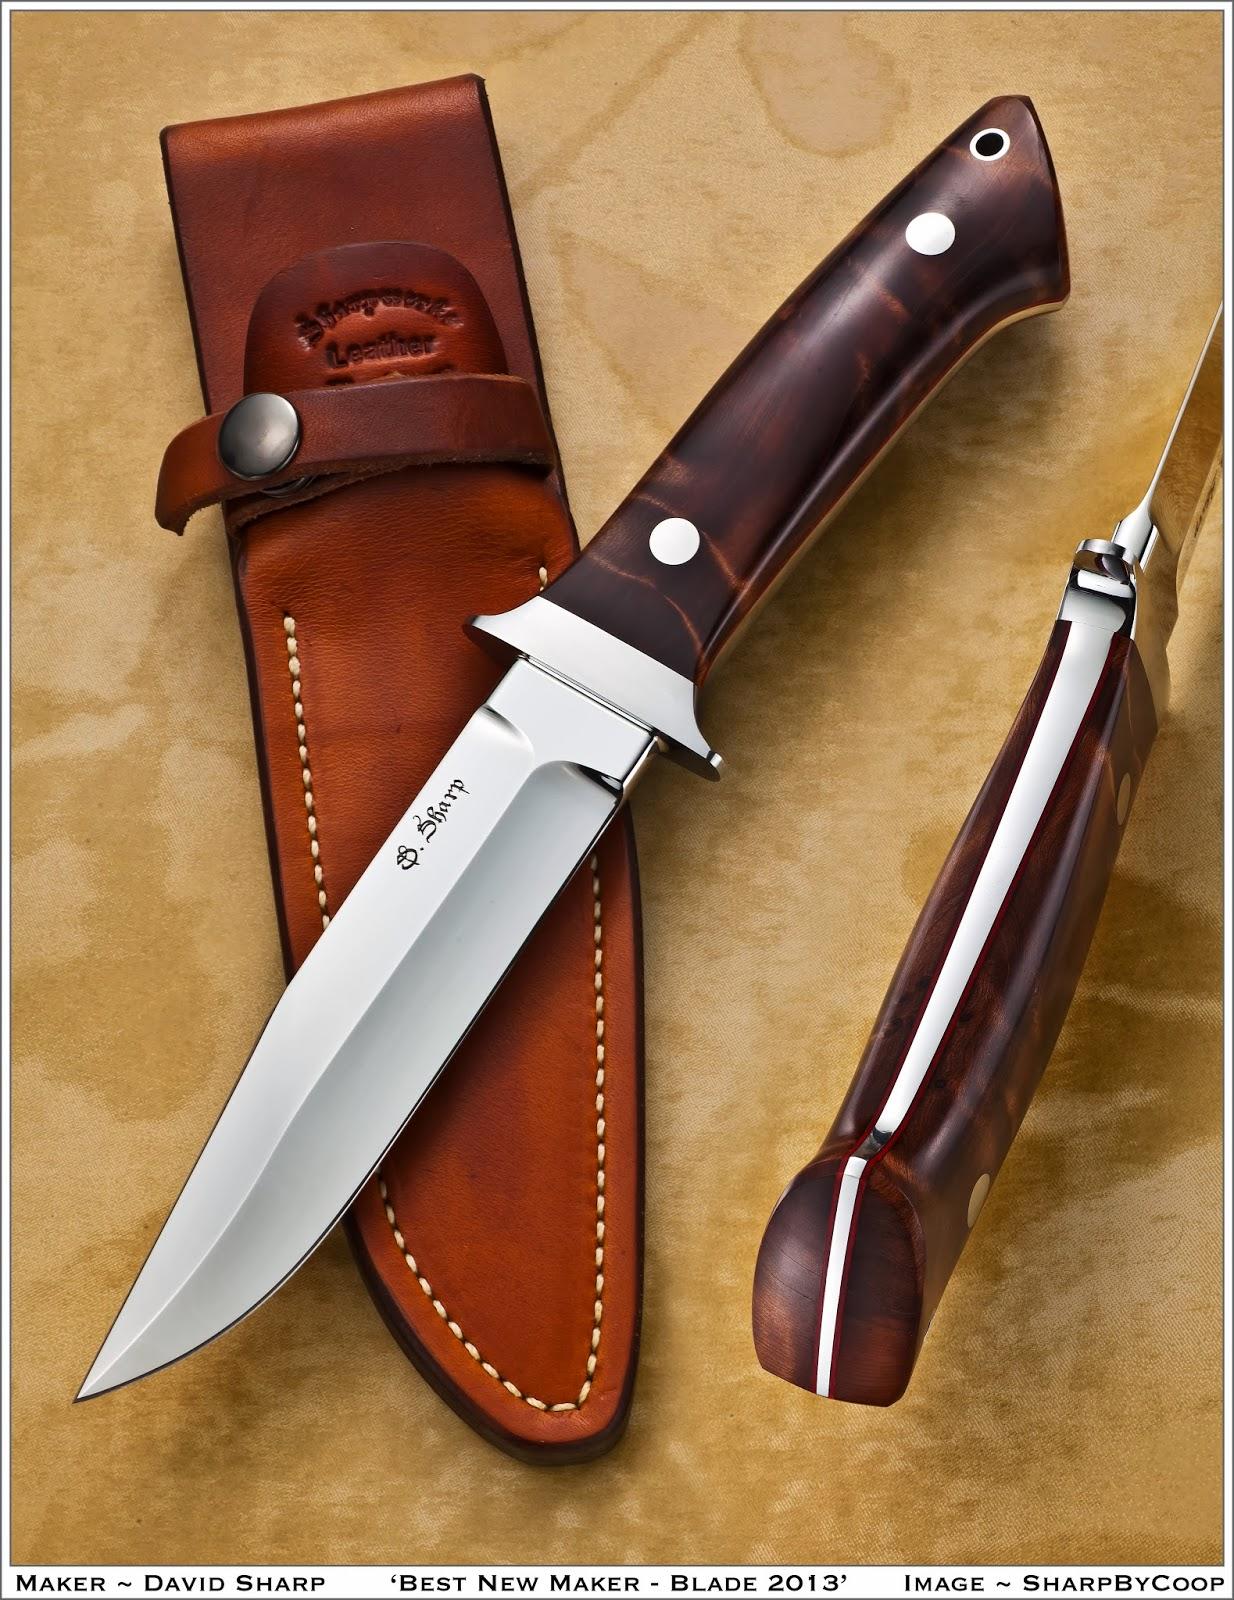 How to make a knife sharp